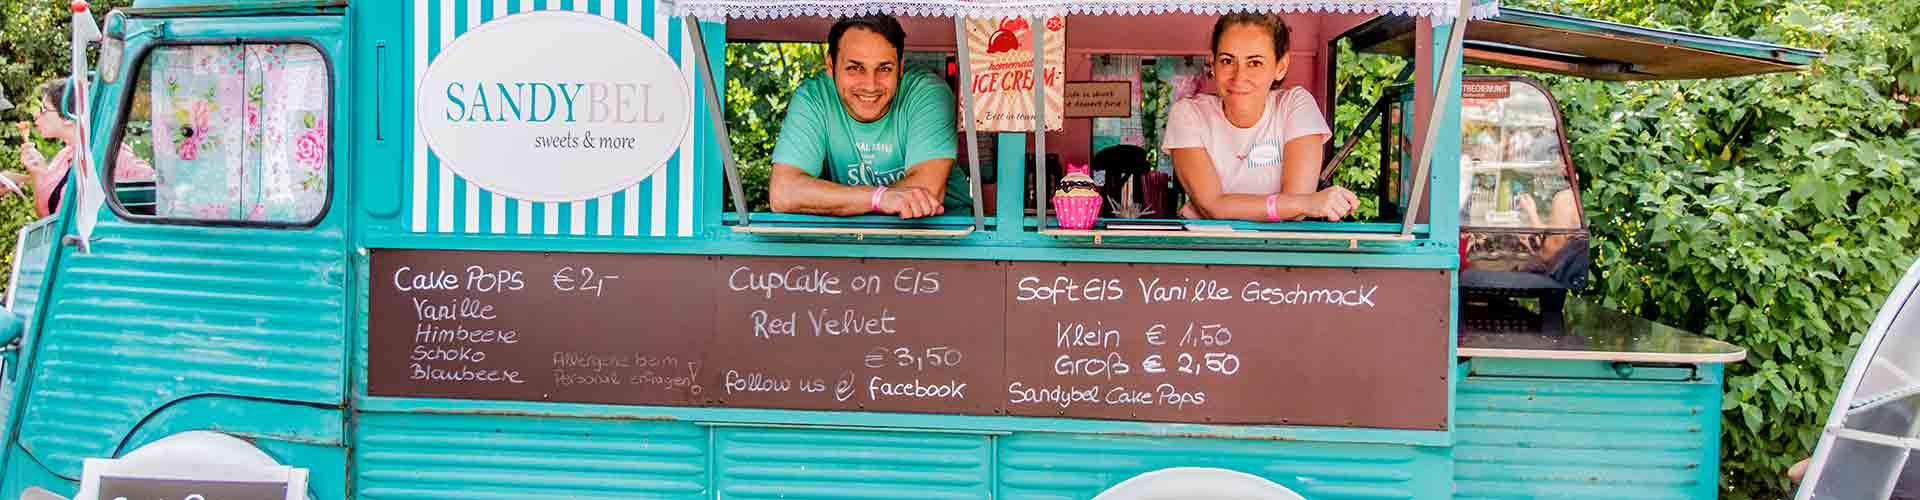 Foodtruck Citroen HY blau Sandybel